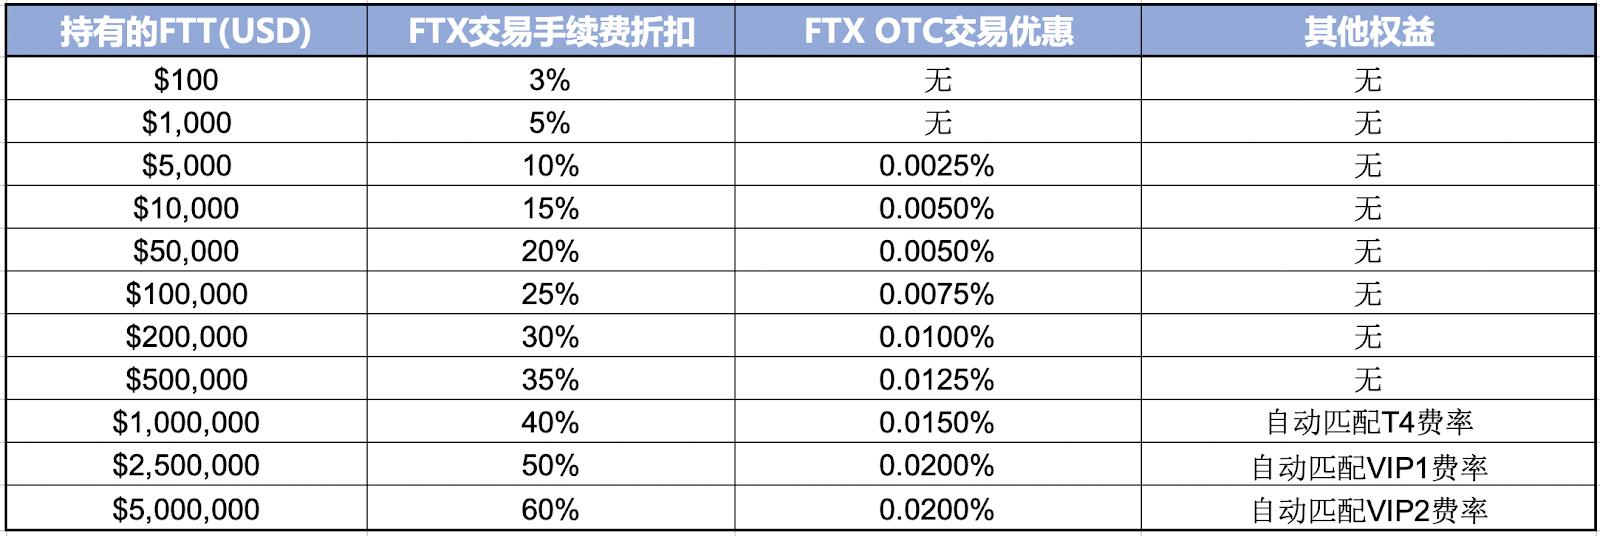 FTX 手續費階級表